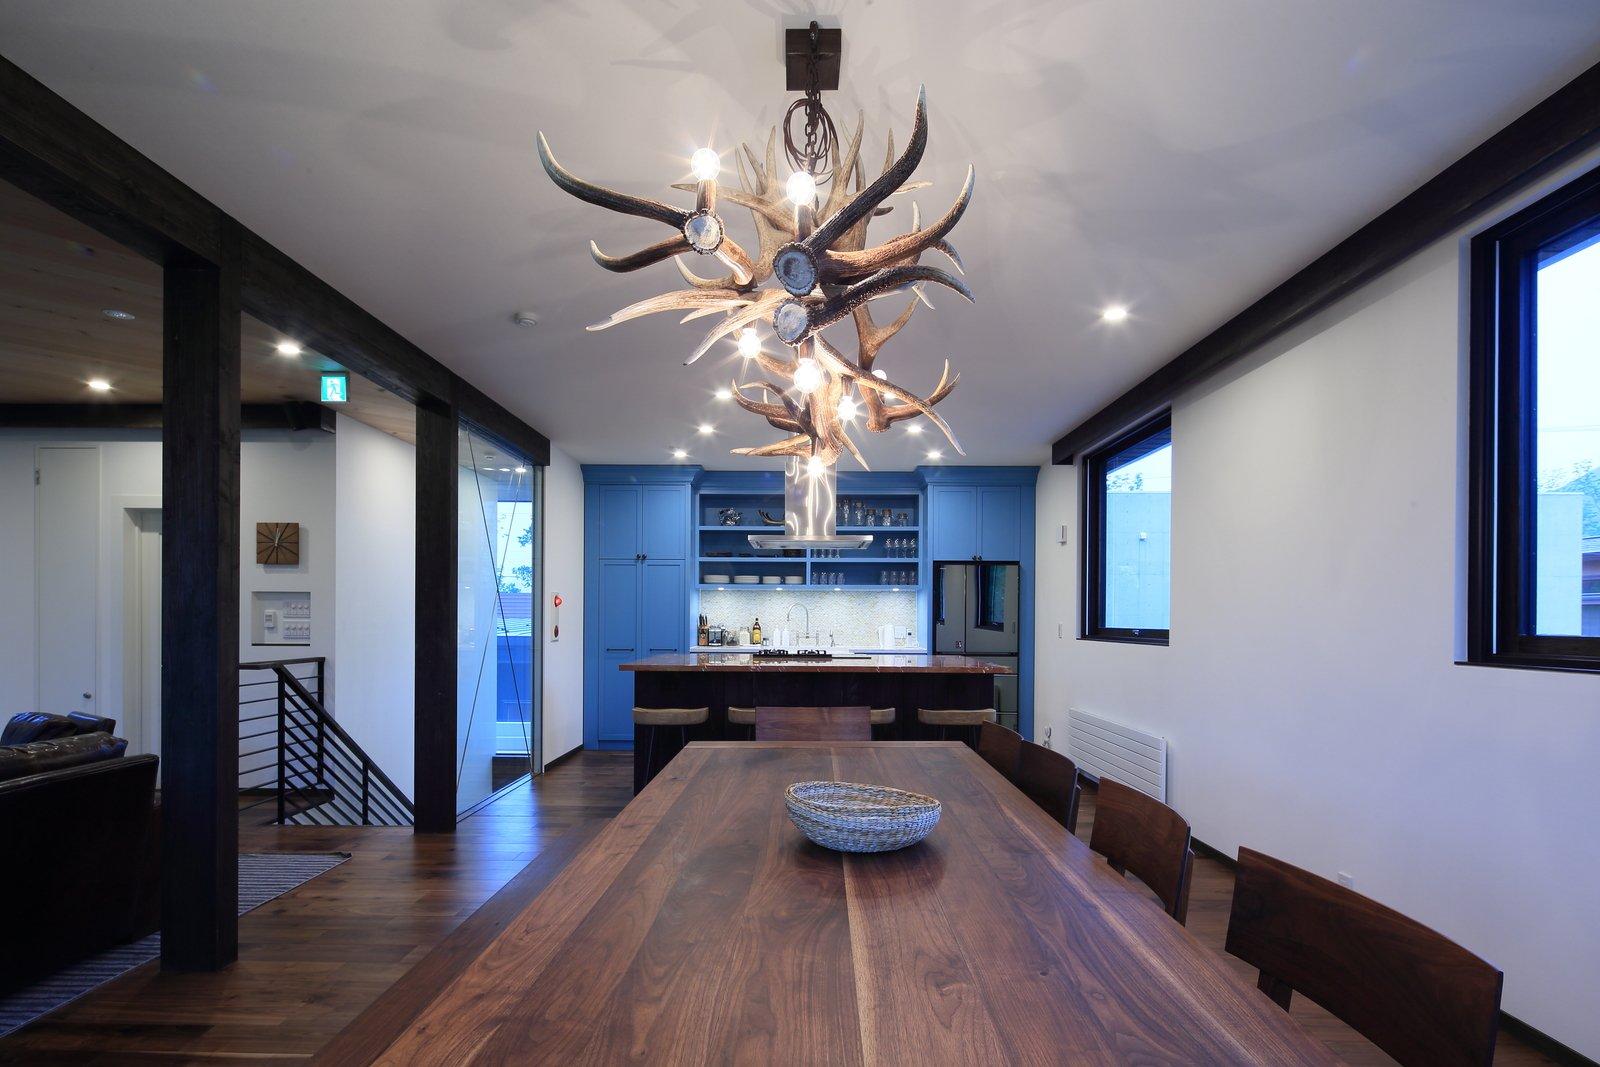 Gustav hideaway dining room 10 large